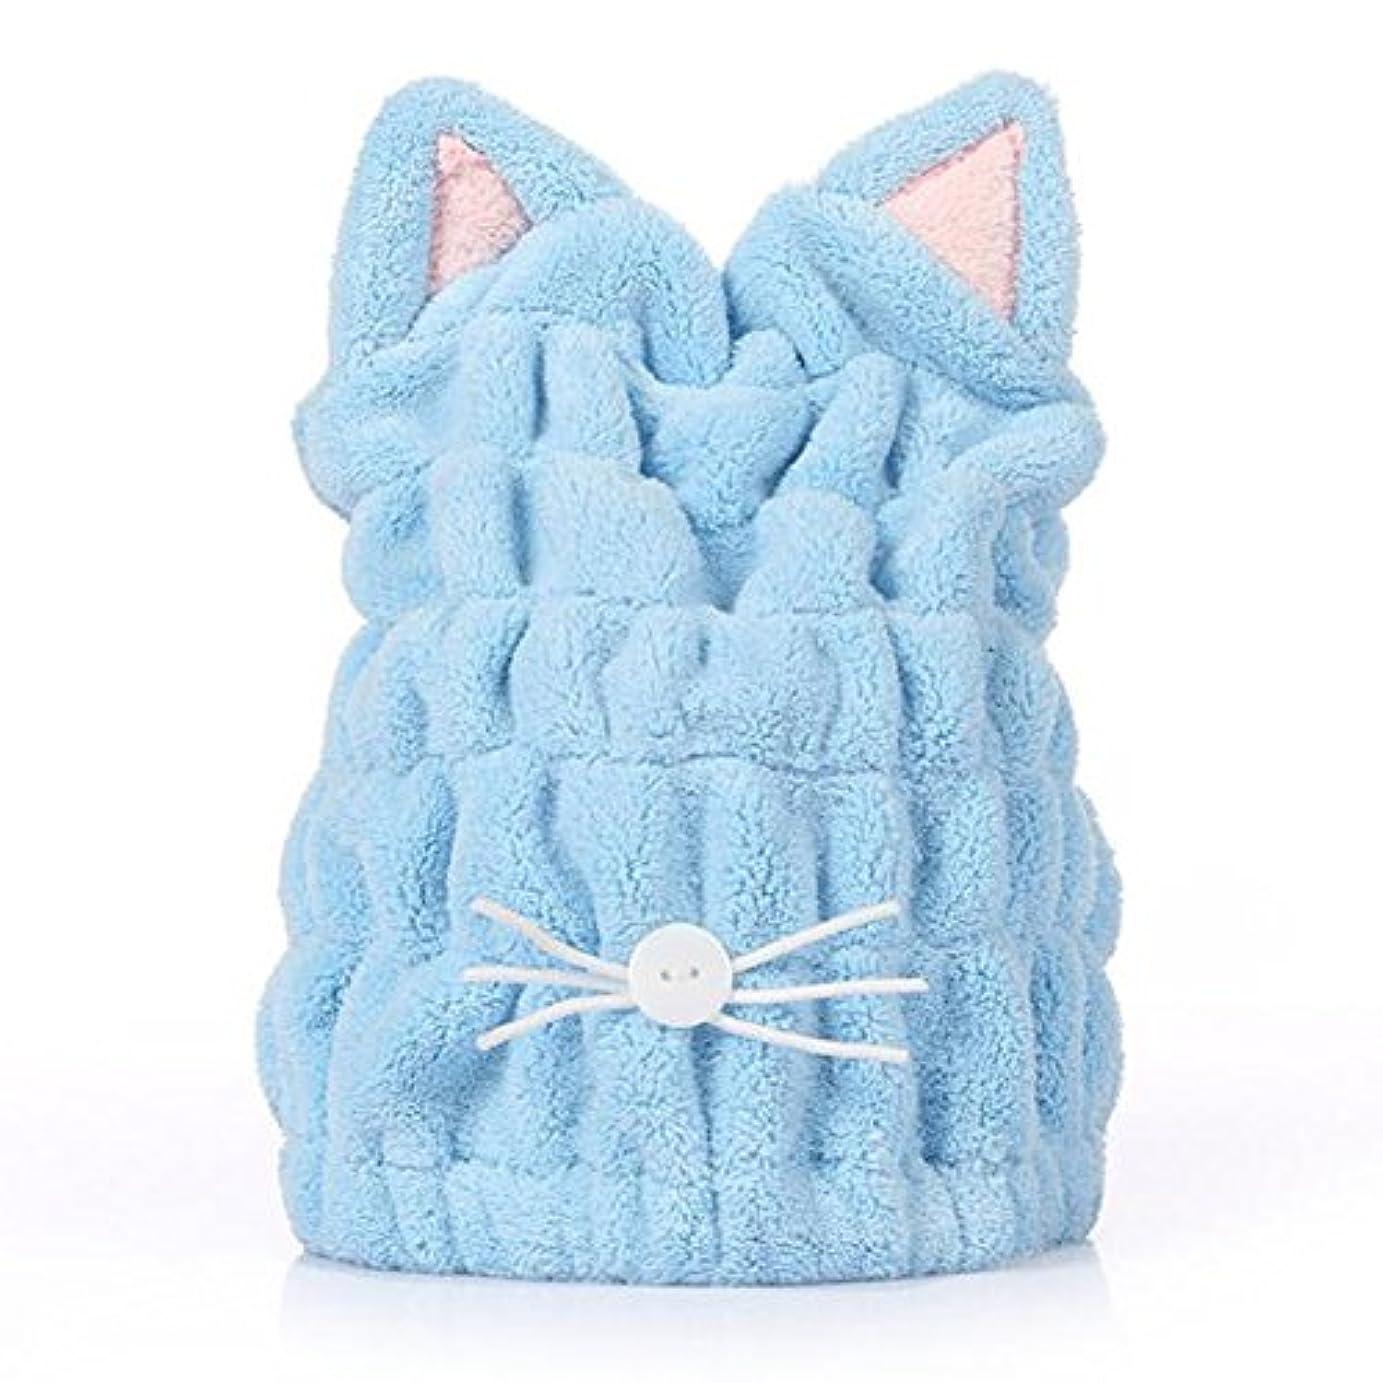 ハンディマントル剪断タオルキャップ 猫耳 ヘアドライキャップ 吸水 乾燥用 お風呂用 マイクロファイバー 可愛い (ブルー)